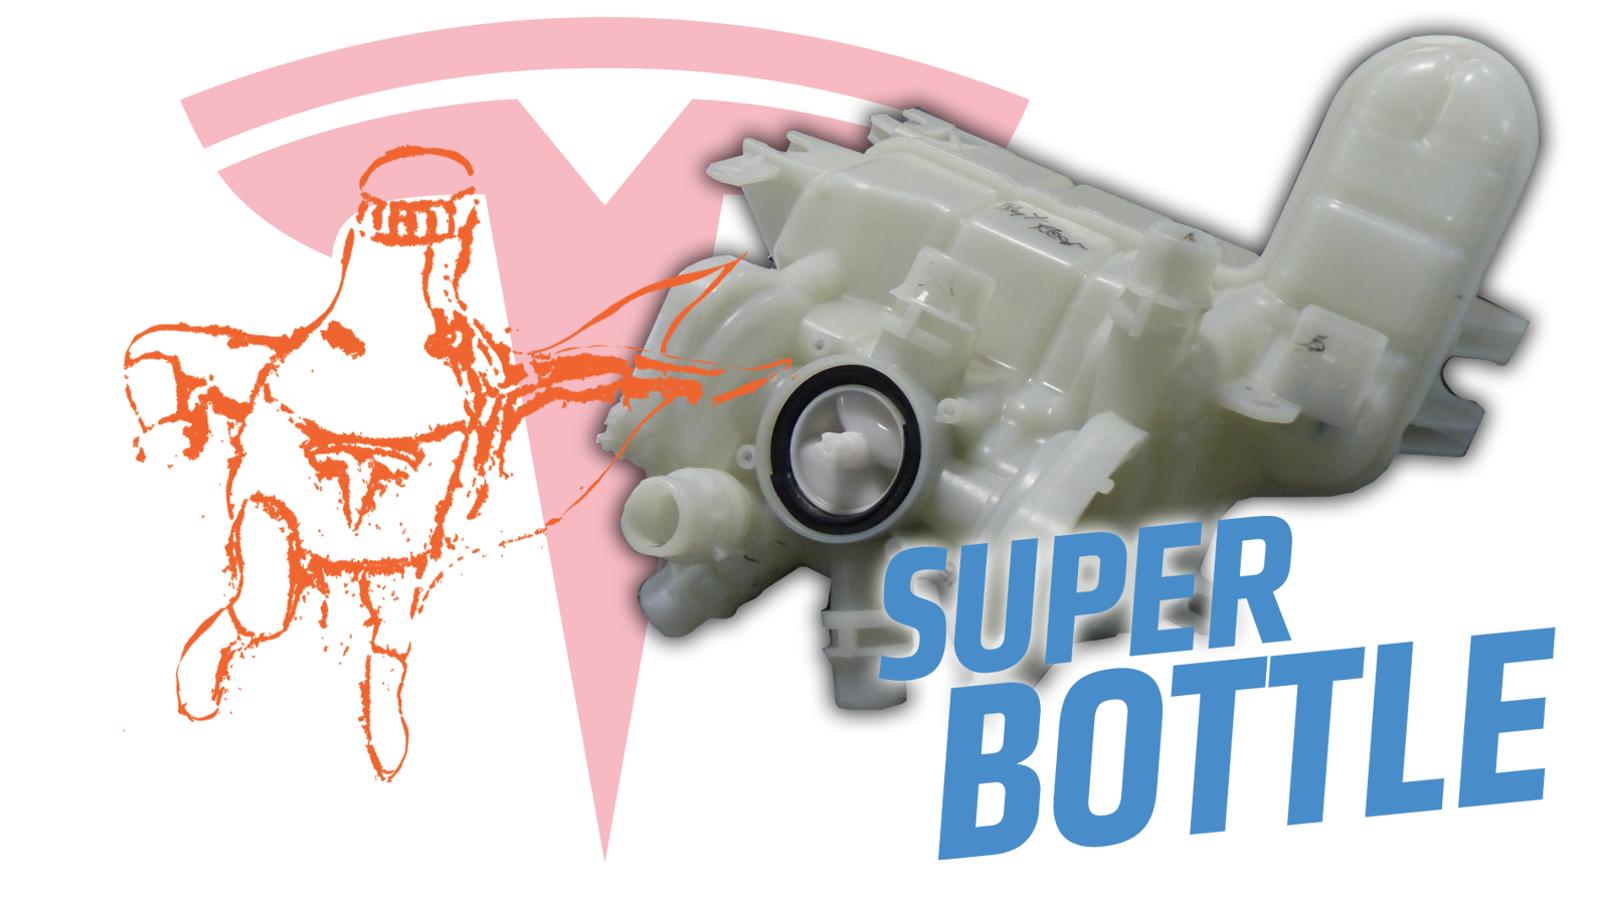 The Tesla Model 3 'Superbottle' Easter Egg Is a Fascinating Packaging Solution